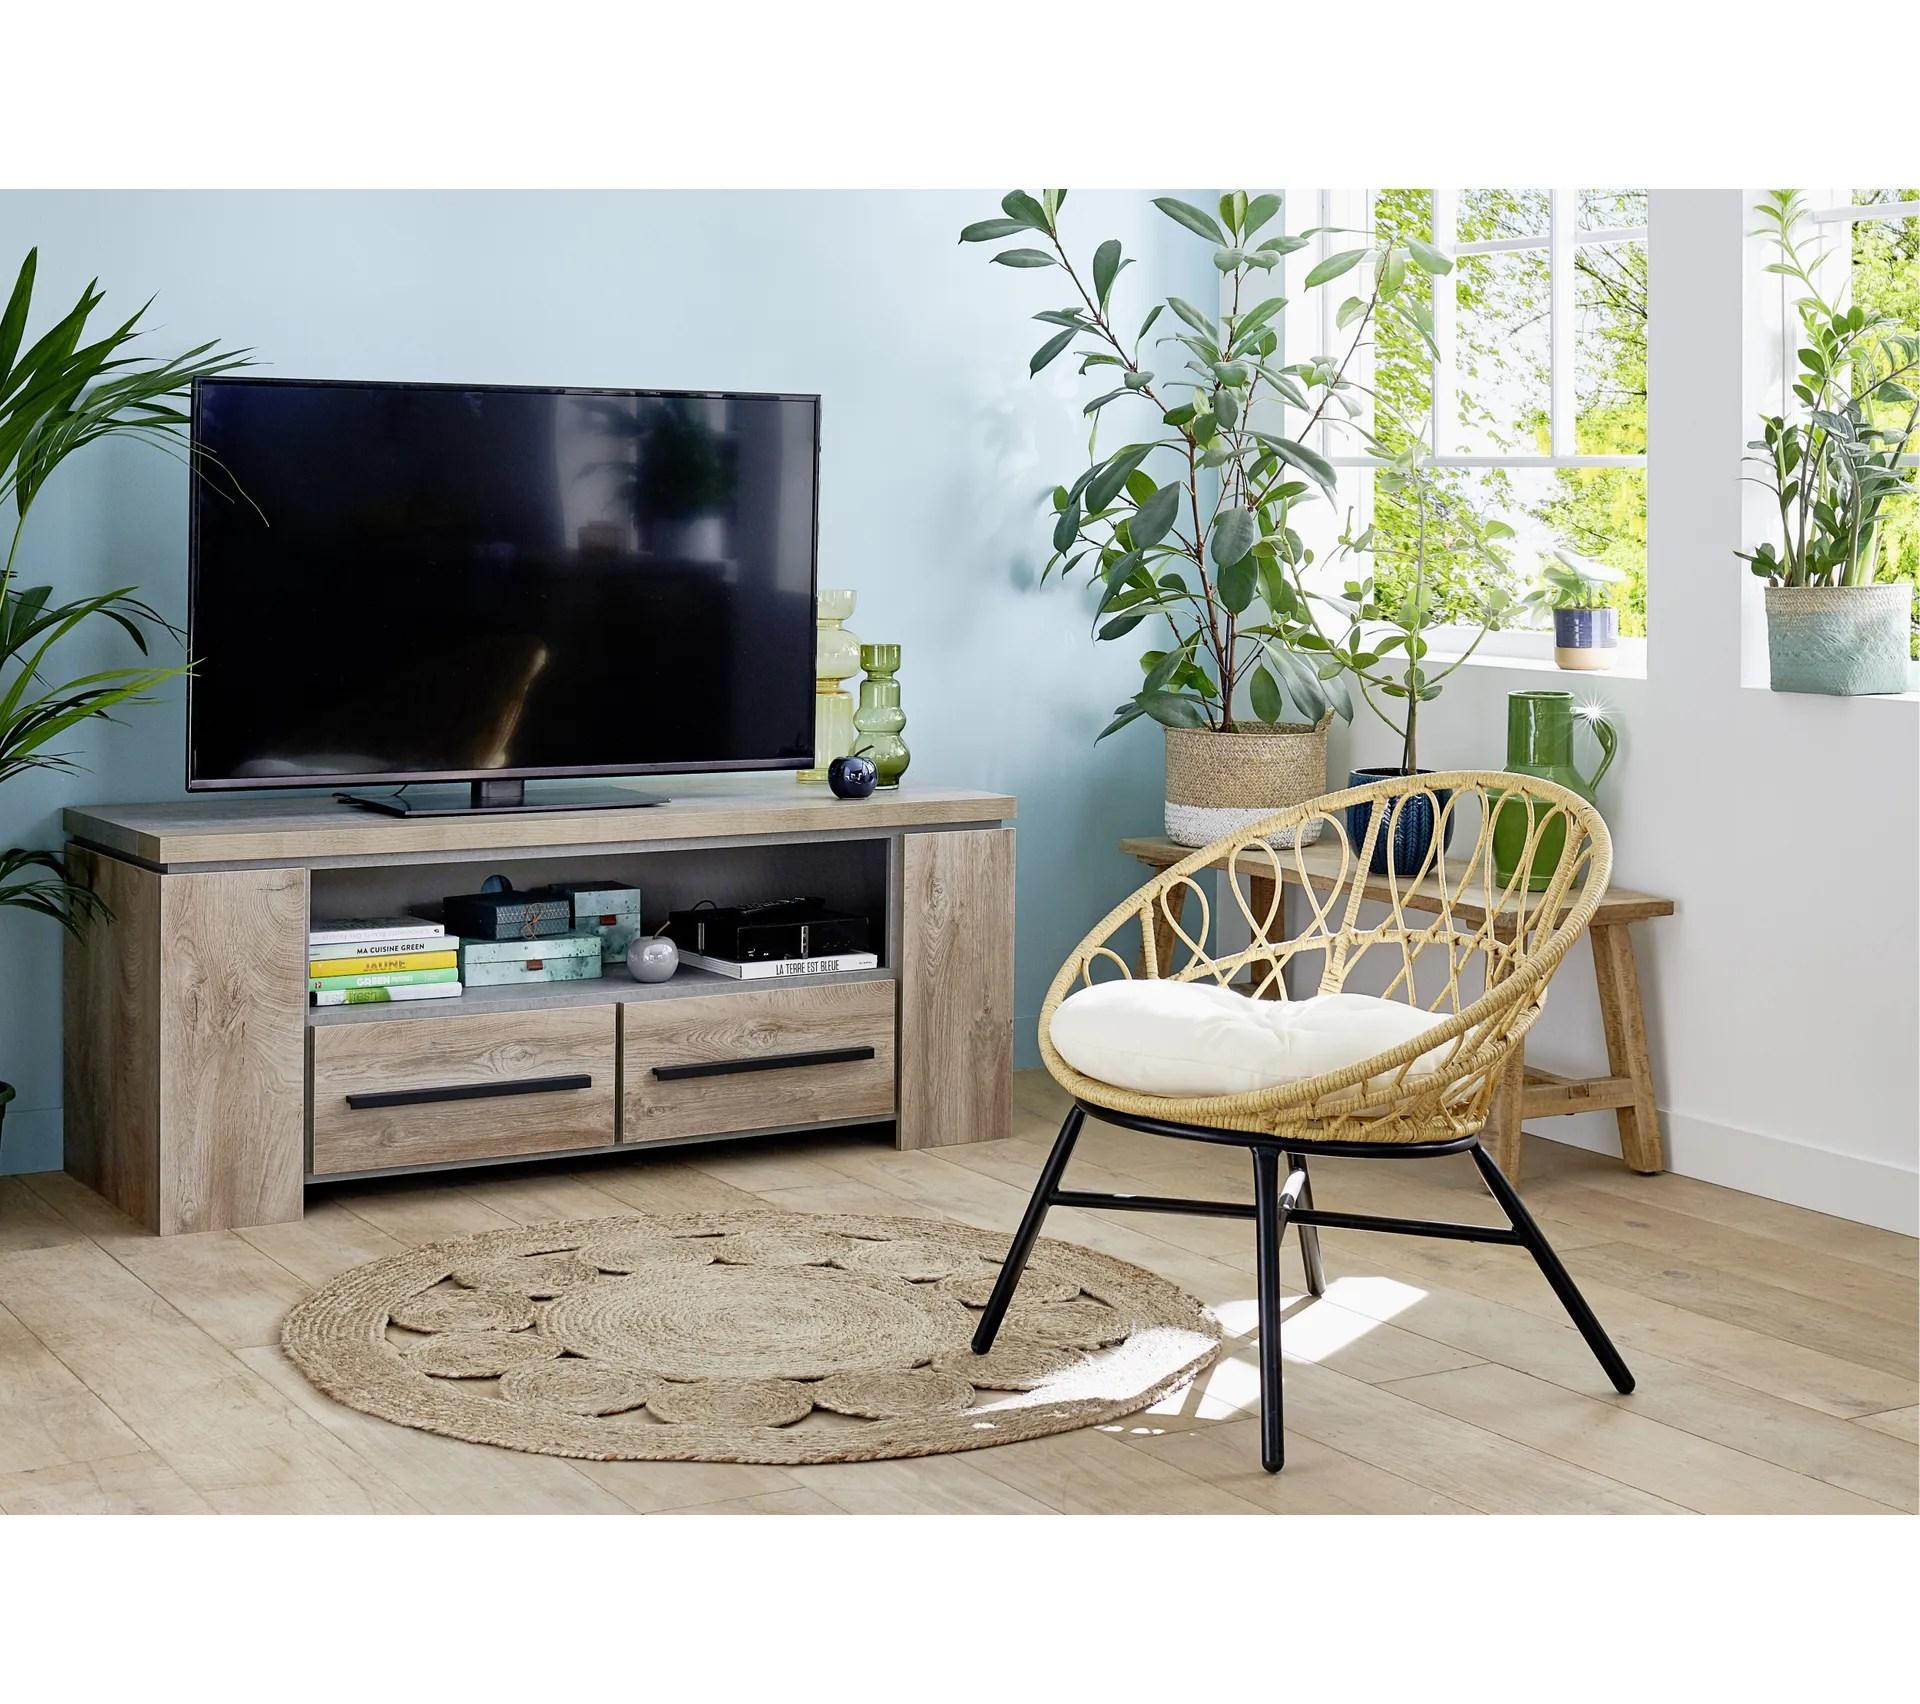 meuble tv 2 tiroirs norton imitation bois et beton